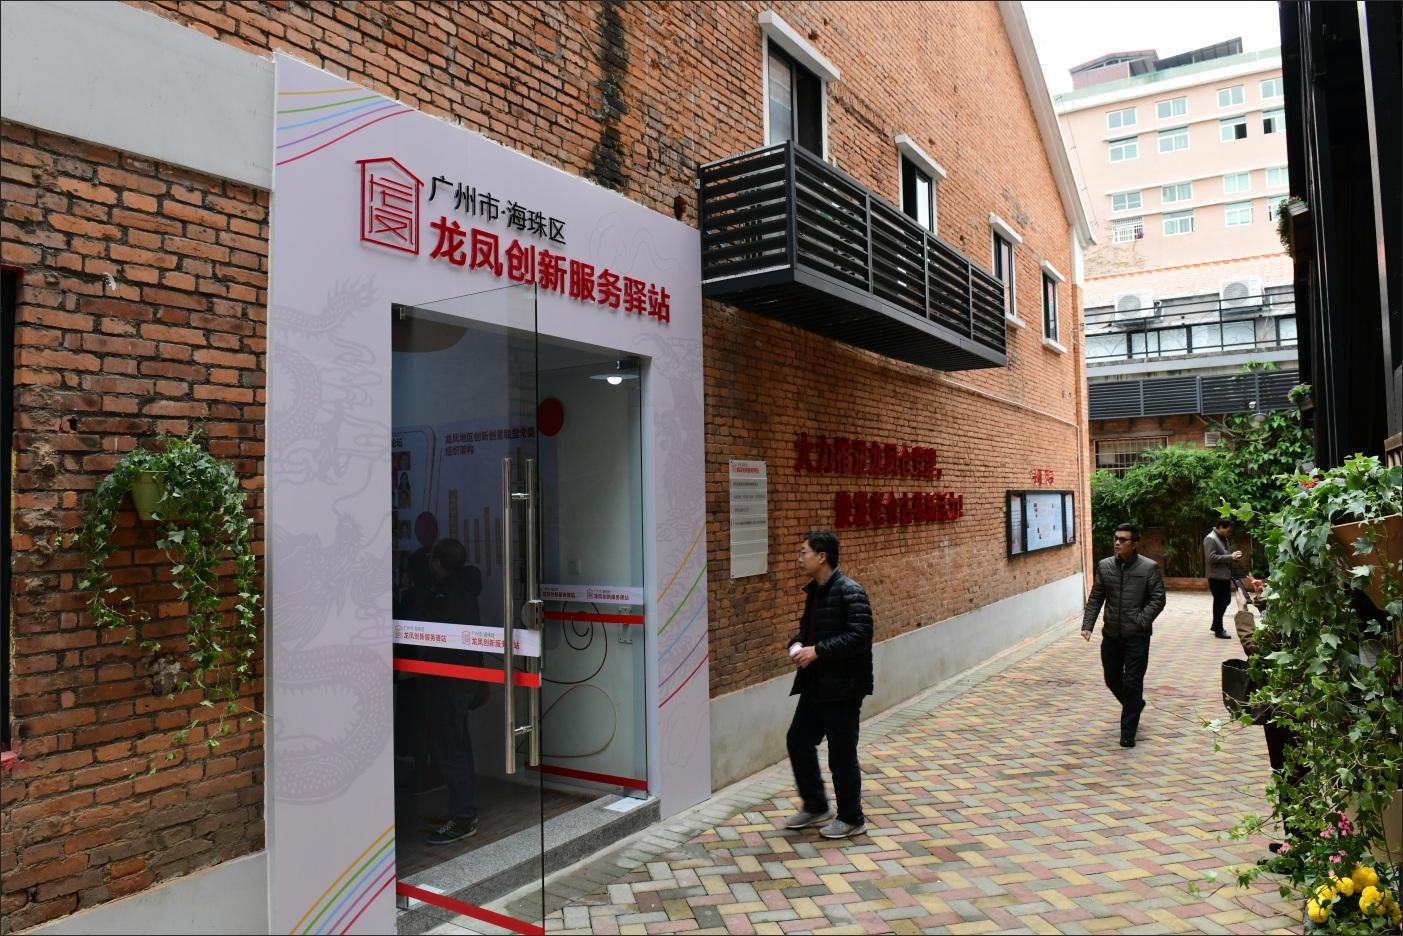 广州市海珠区龙凤创新服务驿站建成开放